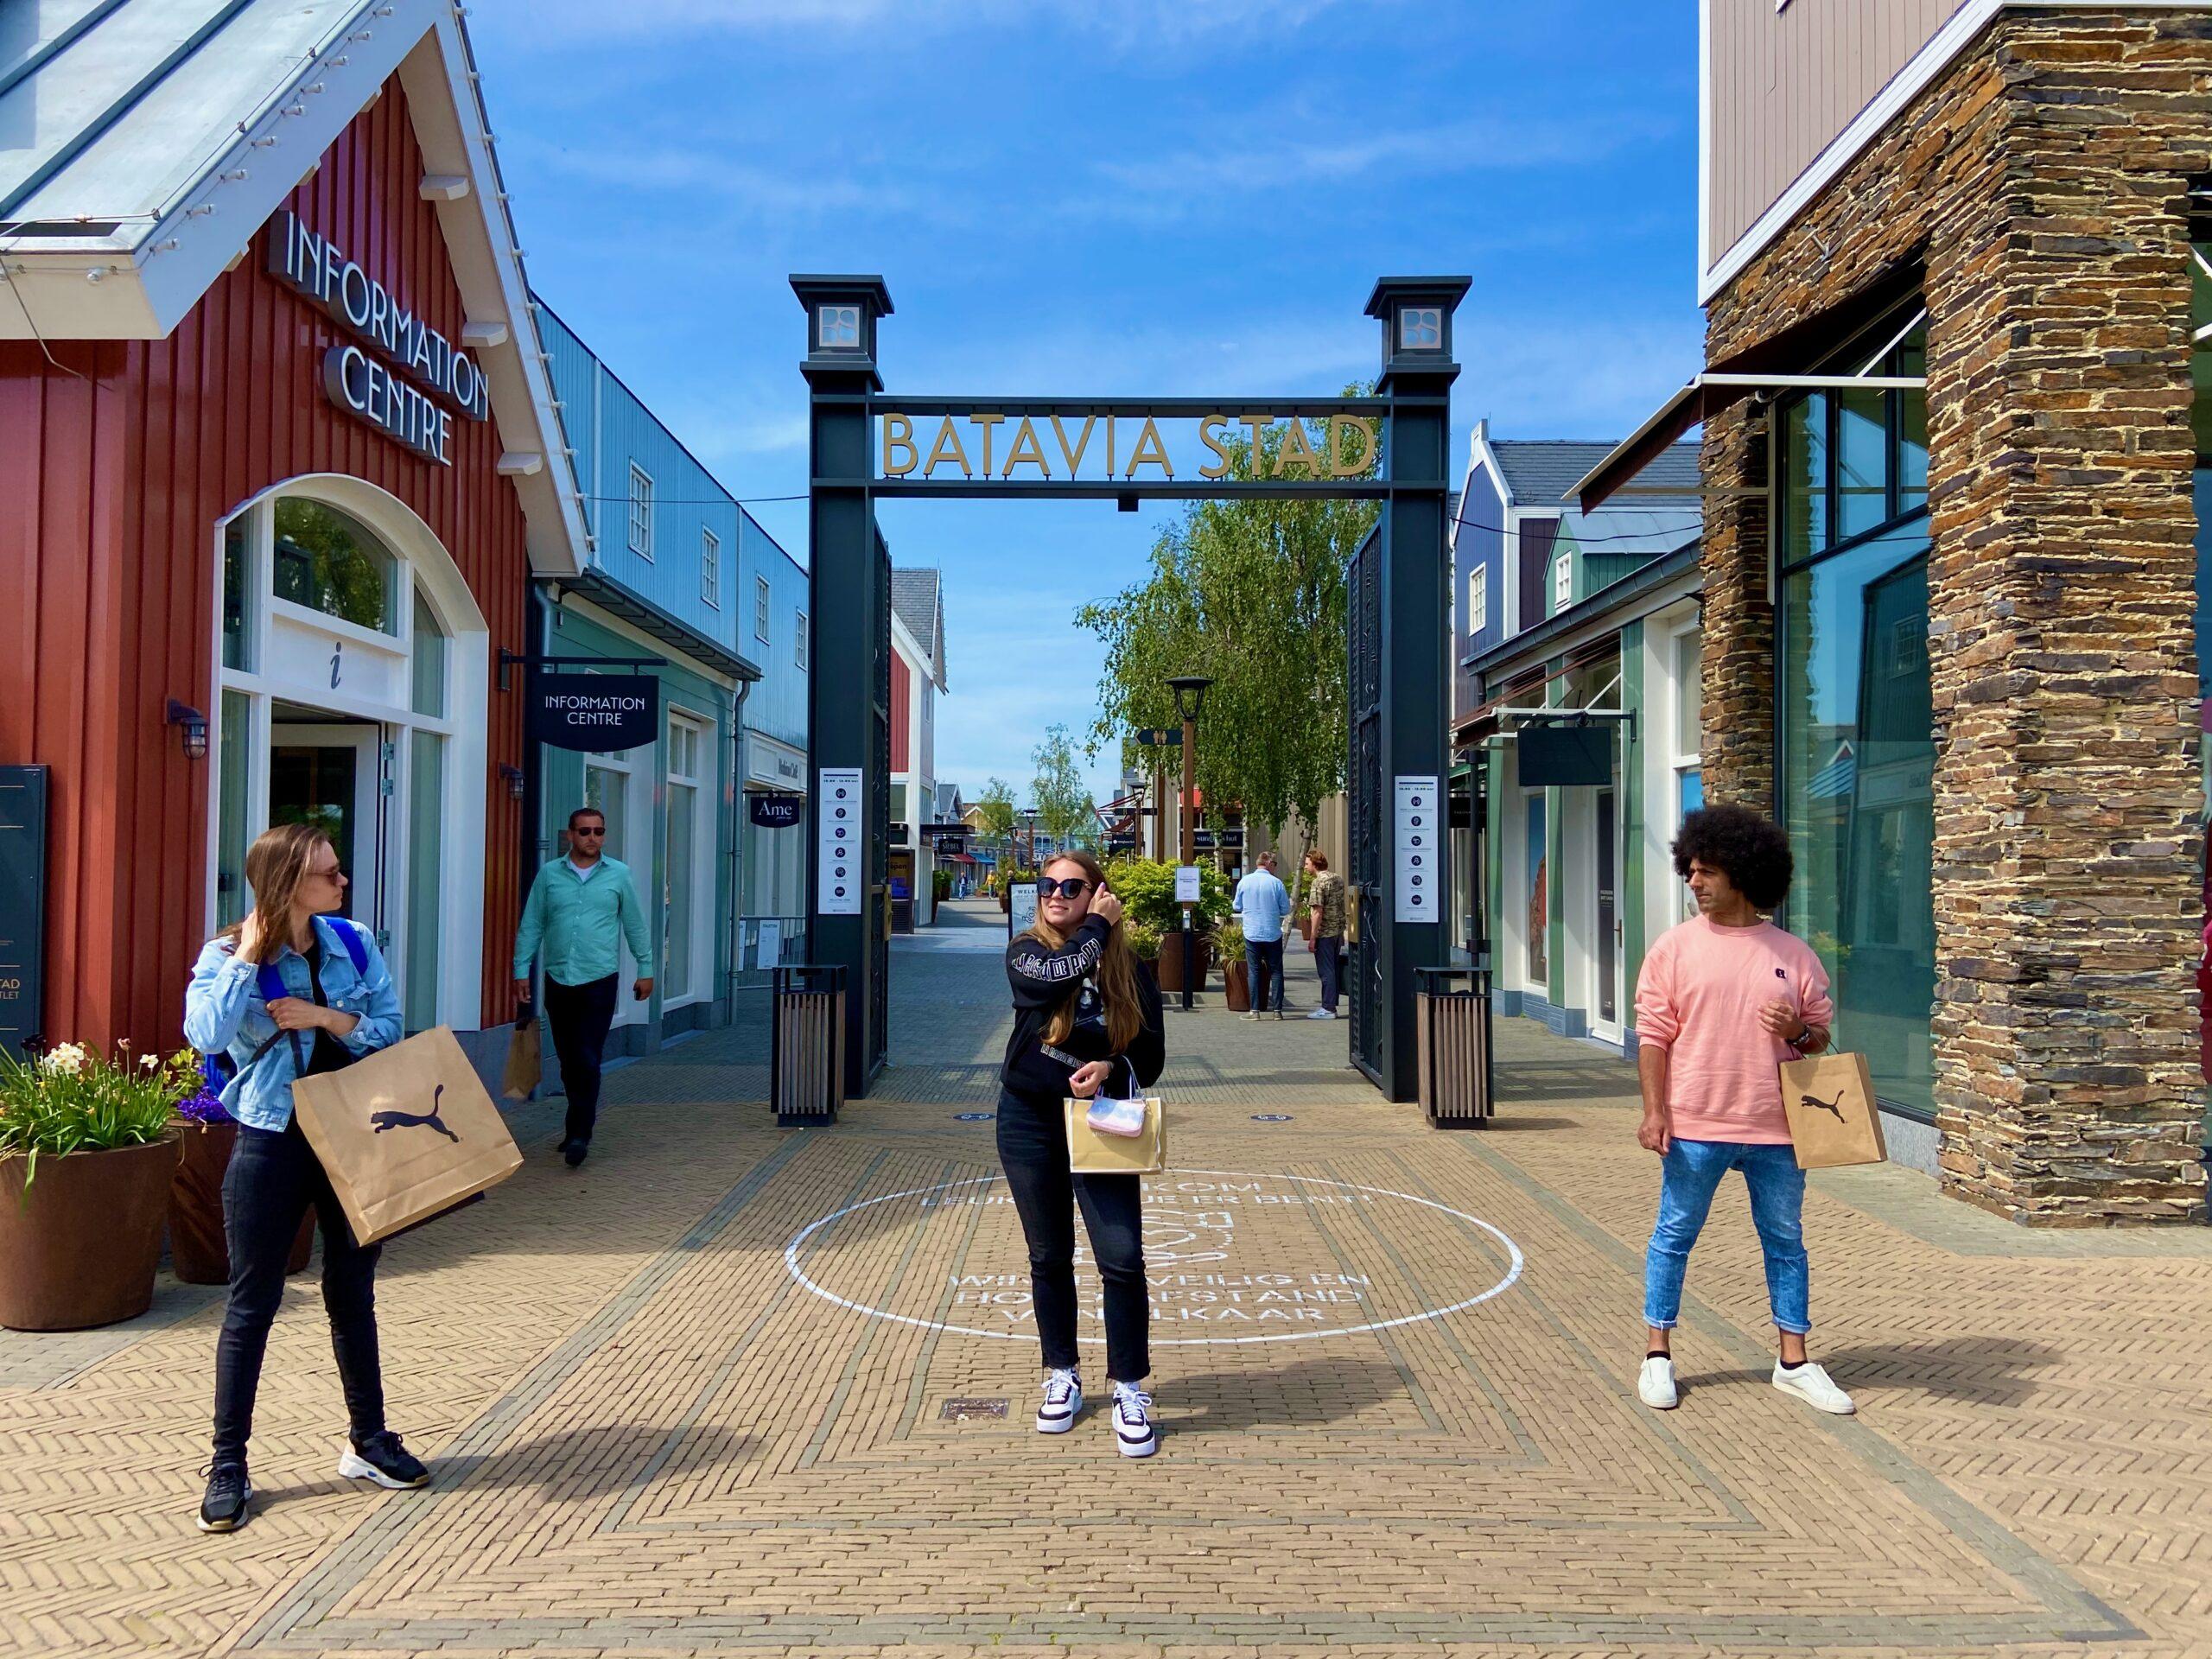 Batavia Stad Outlet